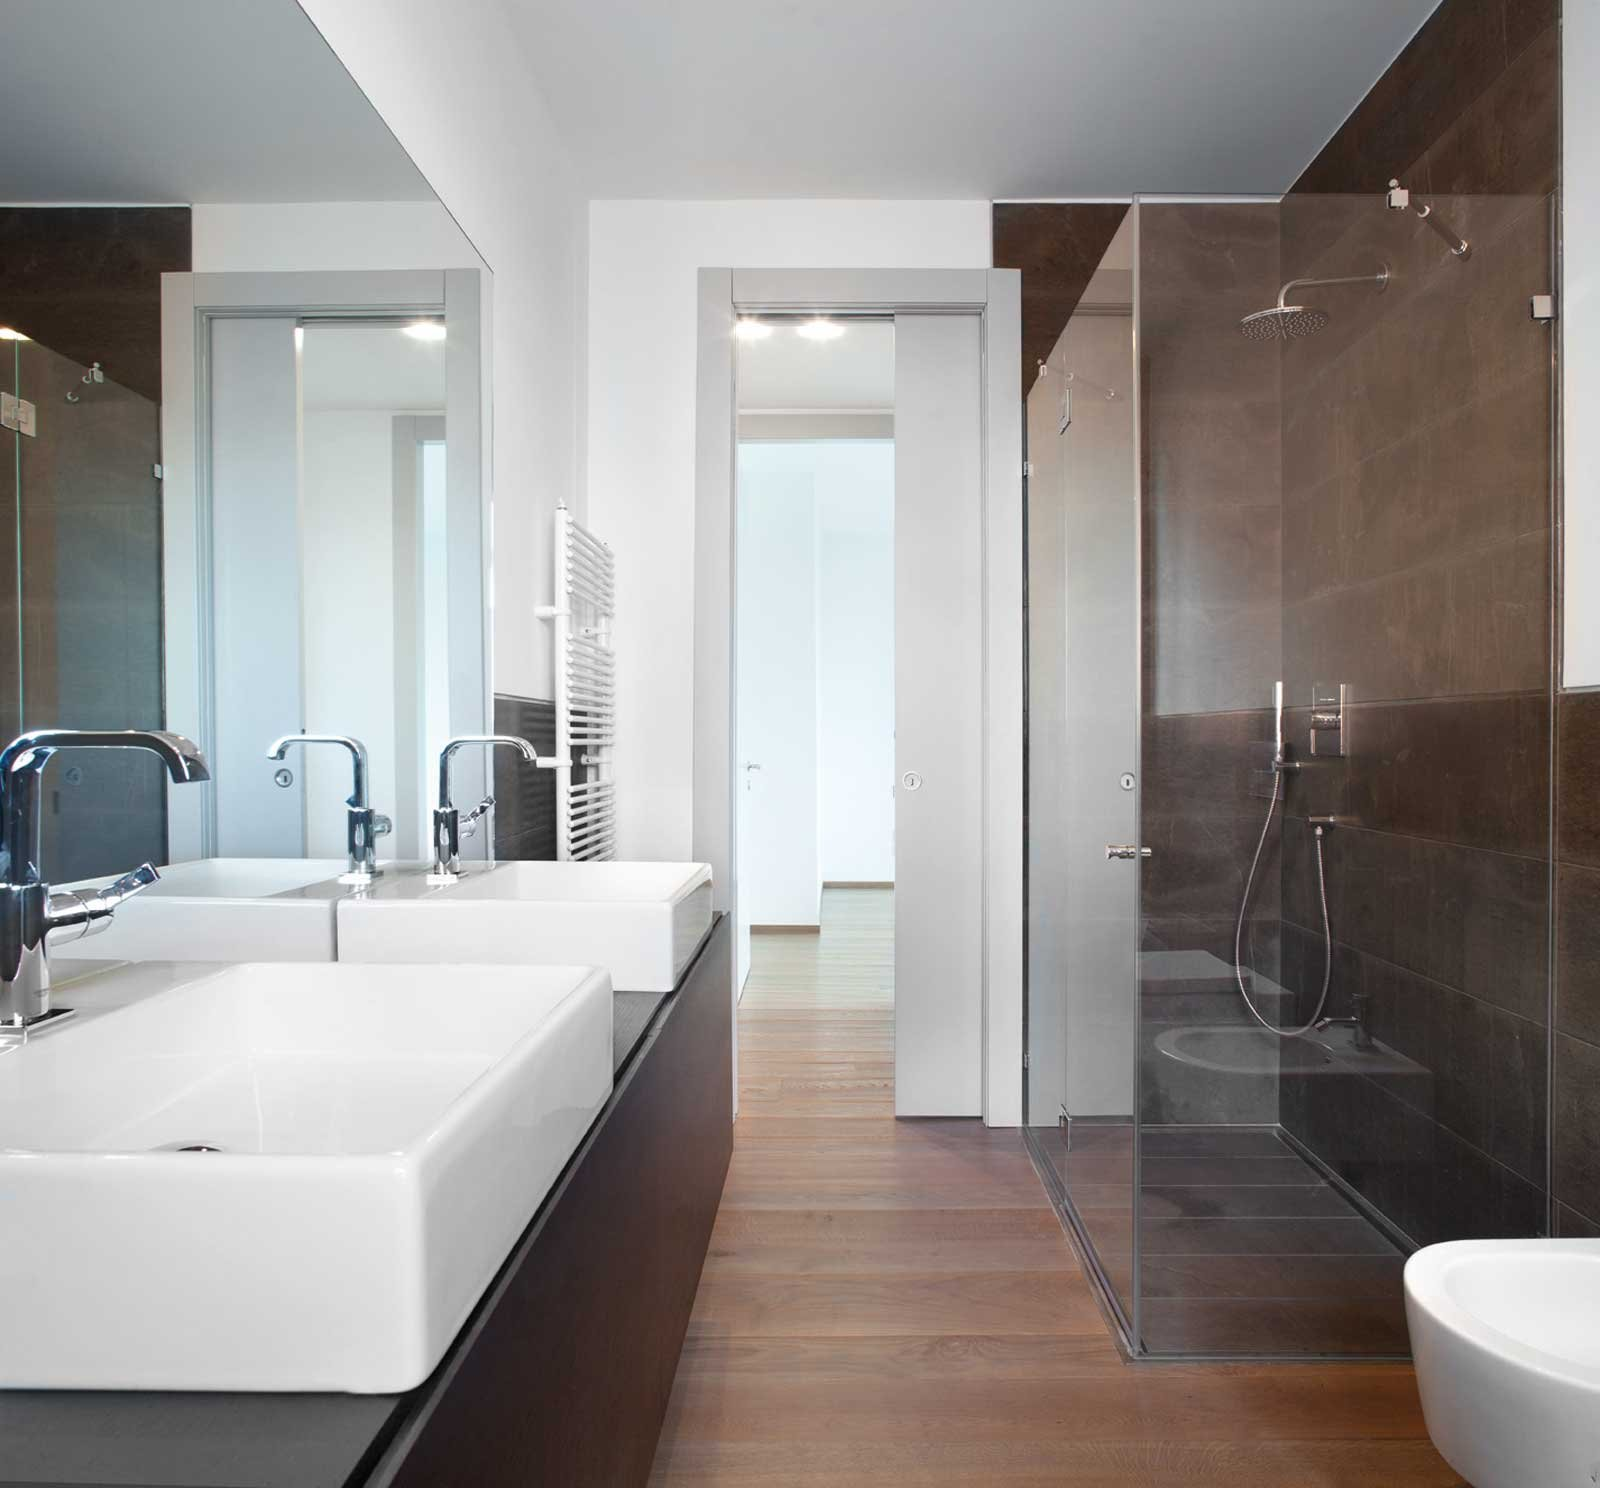 Dimensioni Porta Ingresso Casa come scegliere la porta scorrevole per il bagno by eclisse